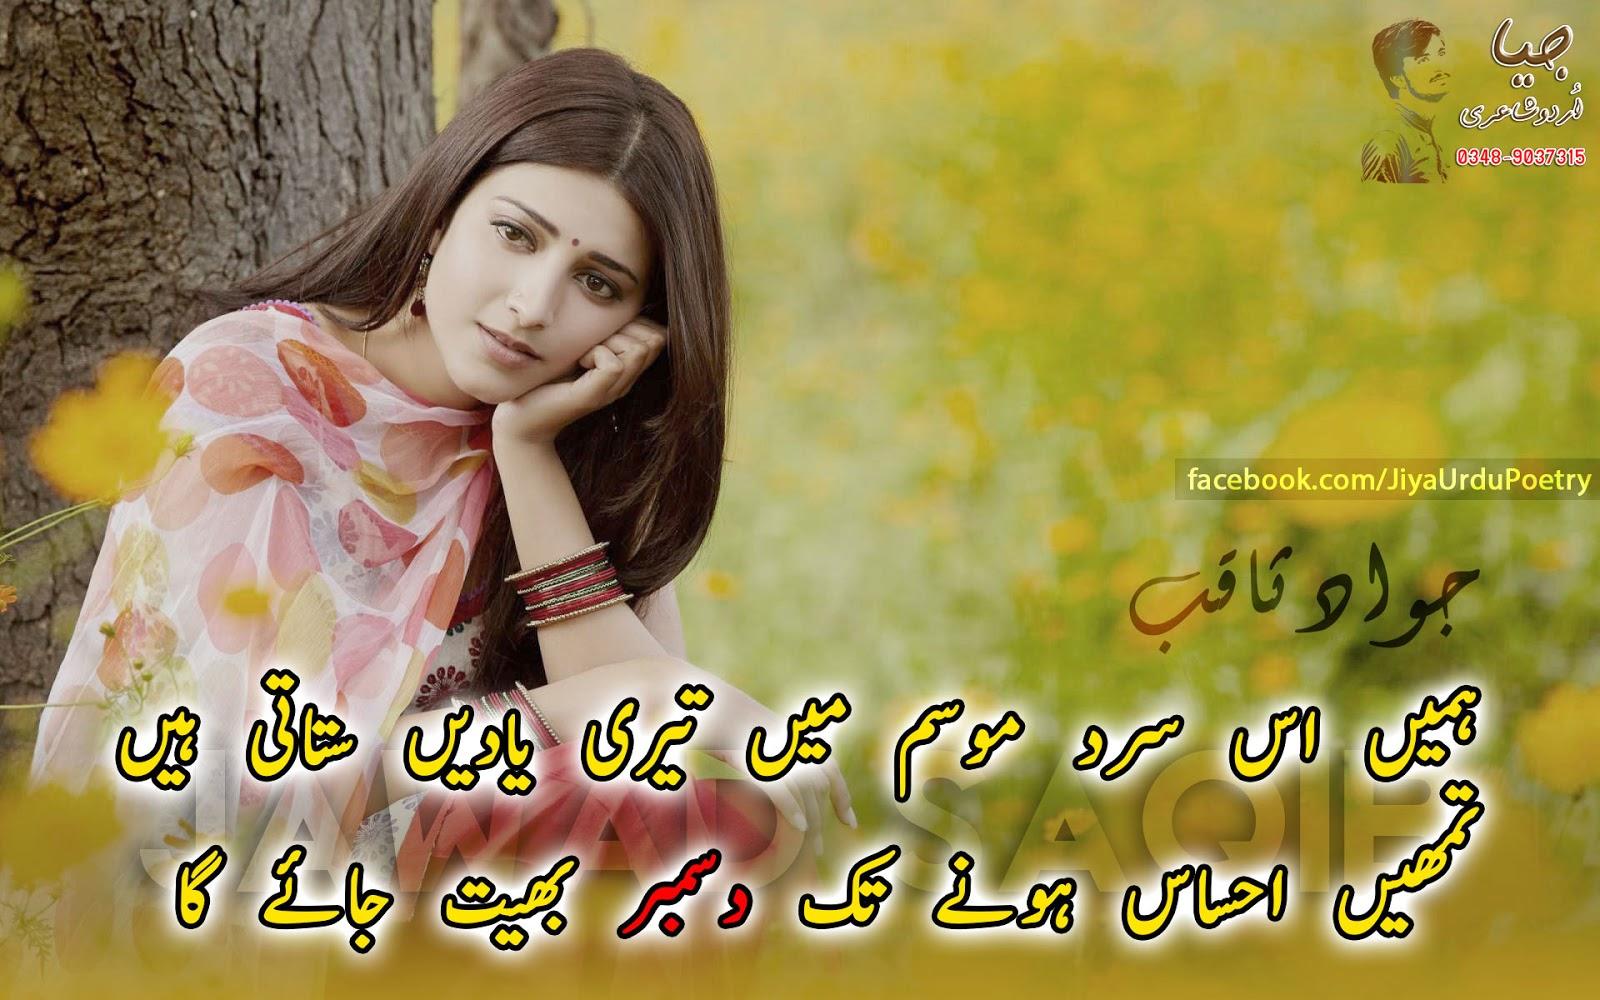 urdu shayari pics